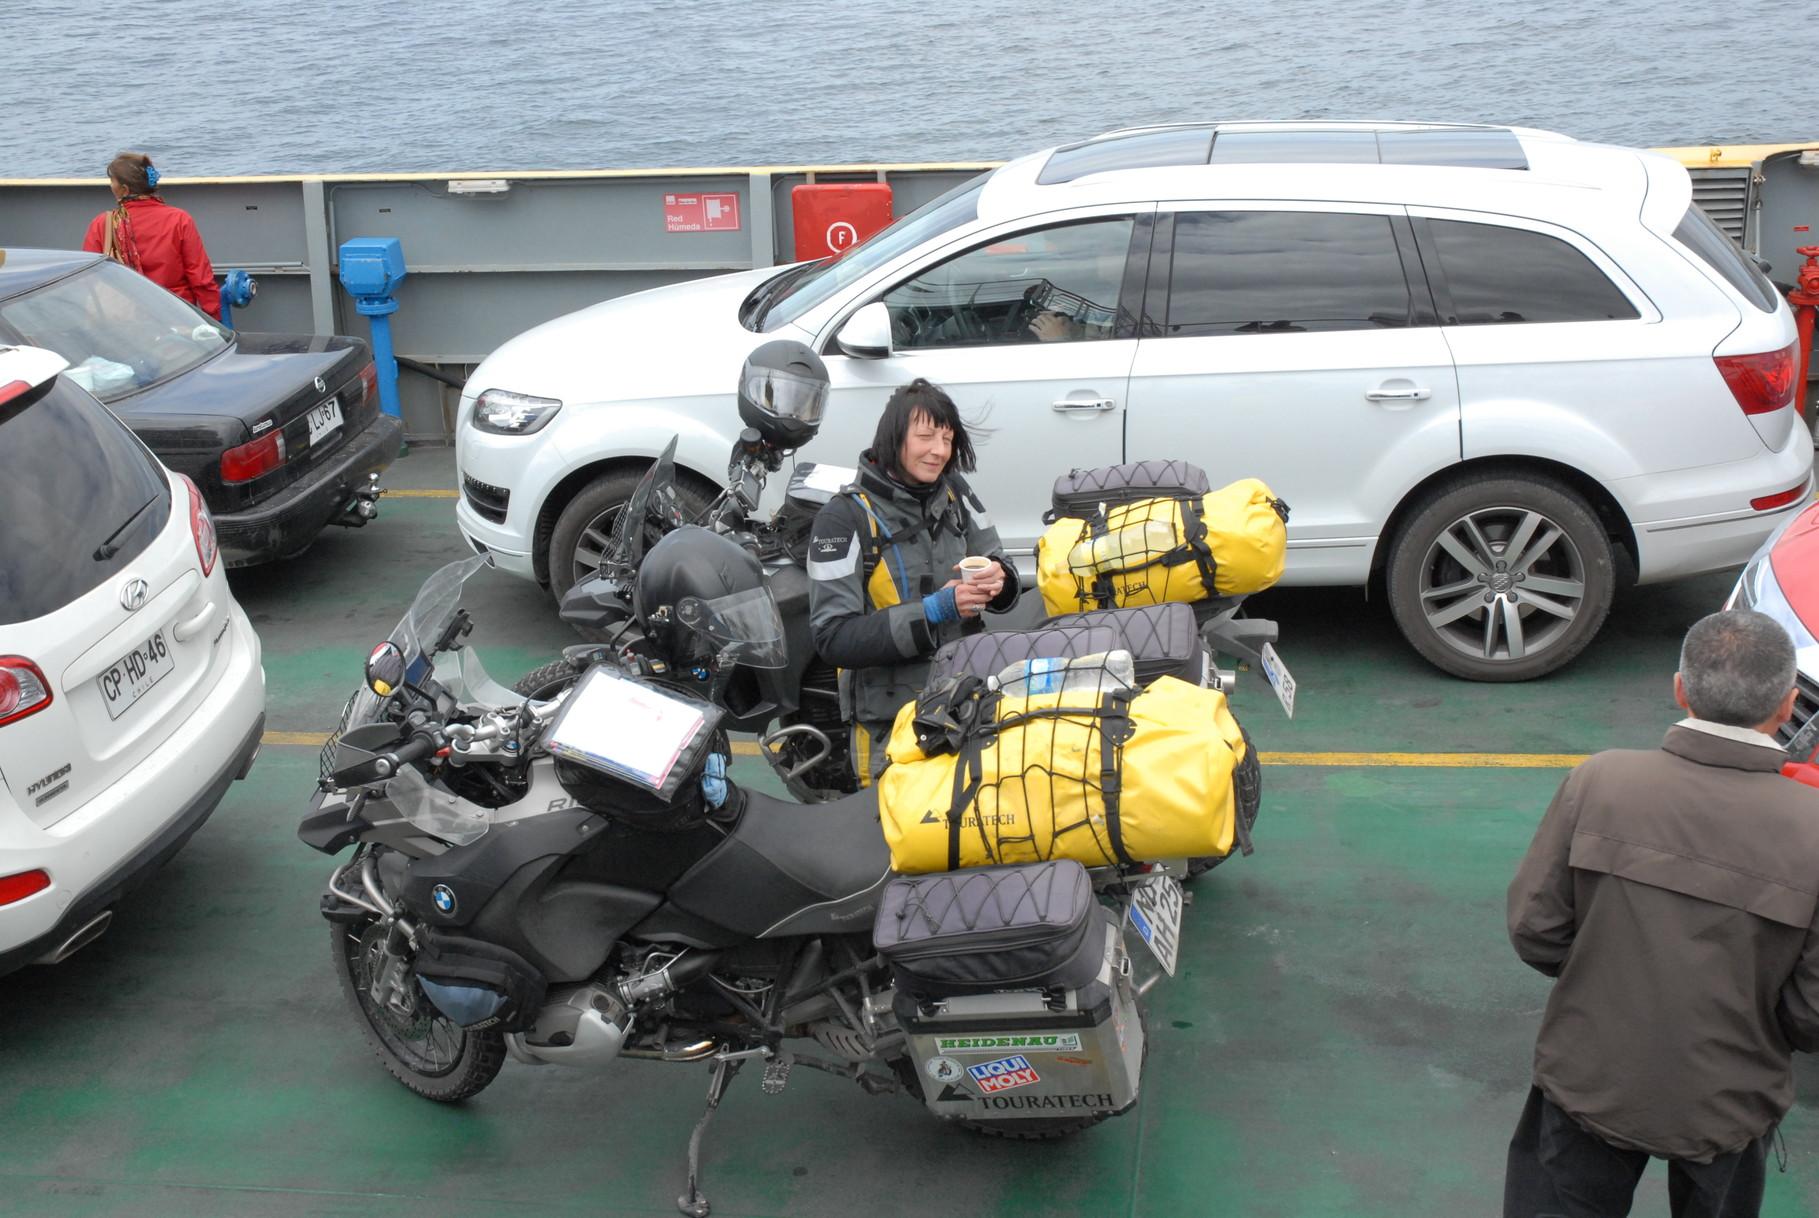 Rosi bewacht die Motorräder auf der Überfahrt nach Puerto Montt